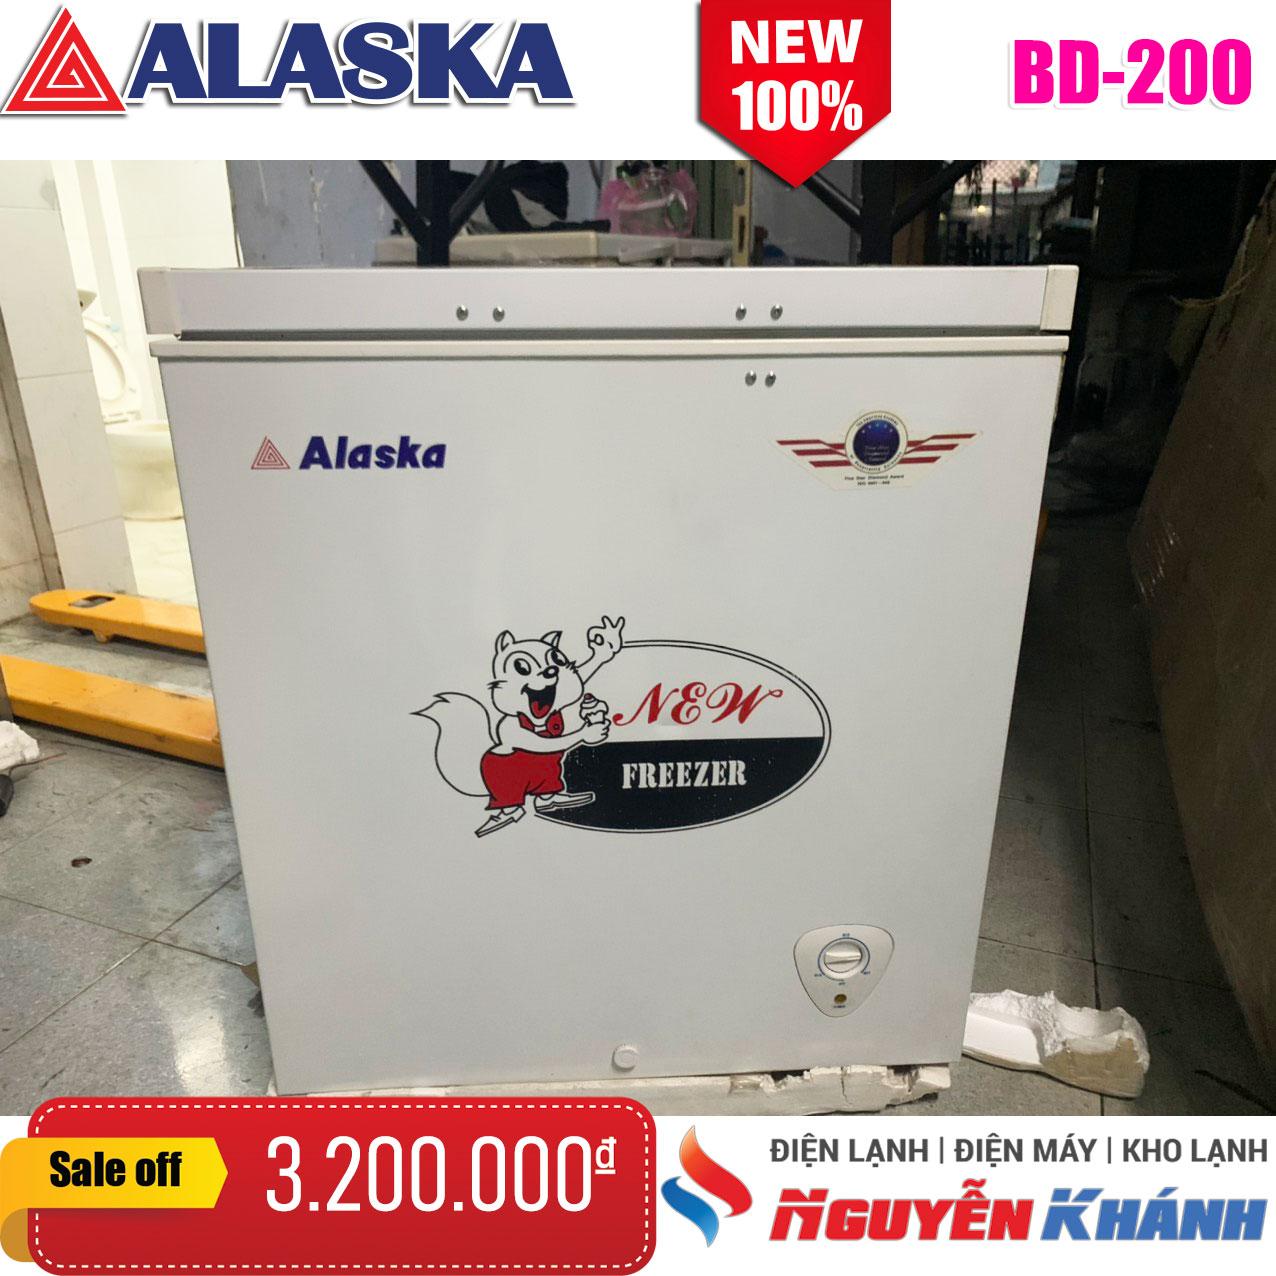 Tủ đông Alaska BD-200 200 lít